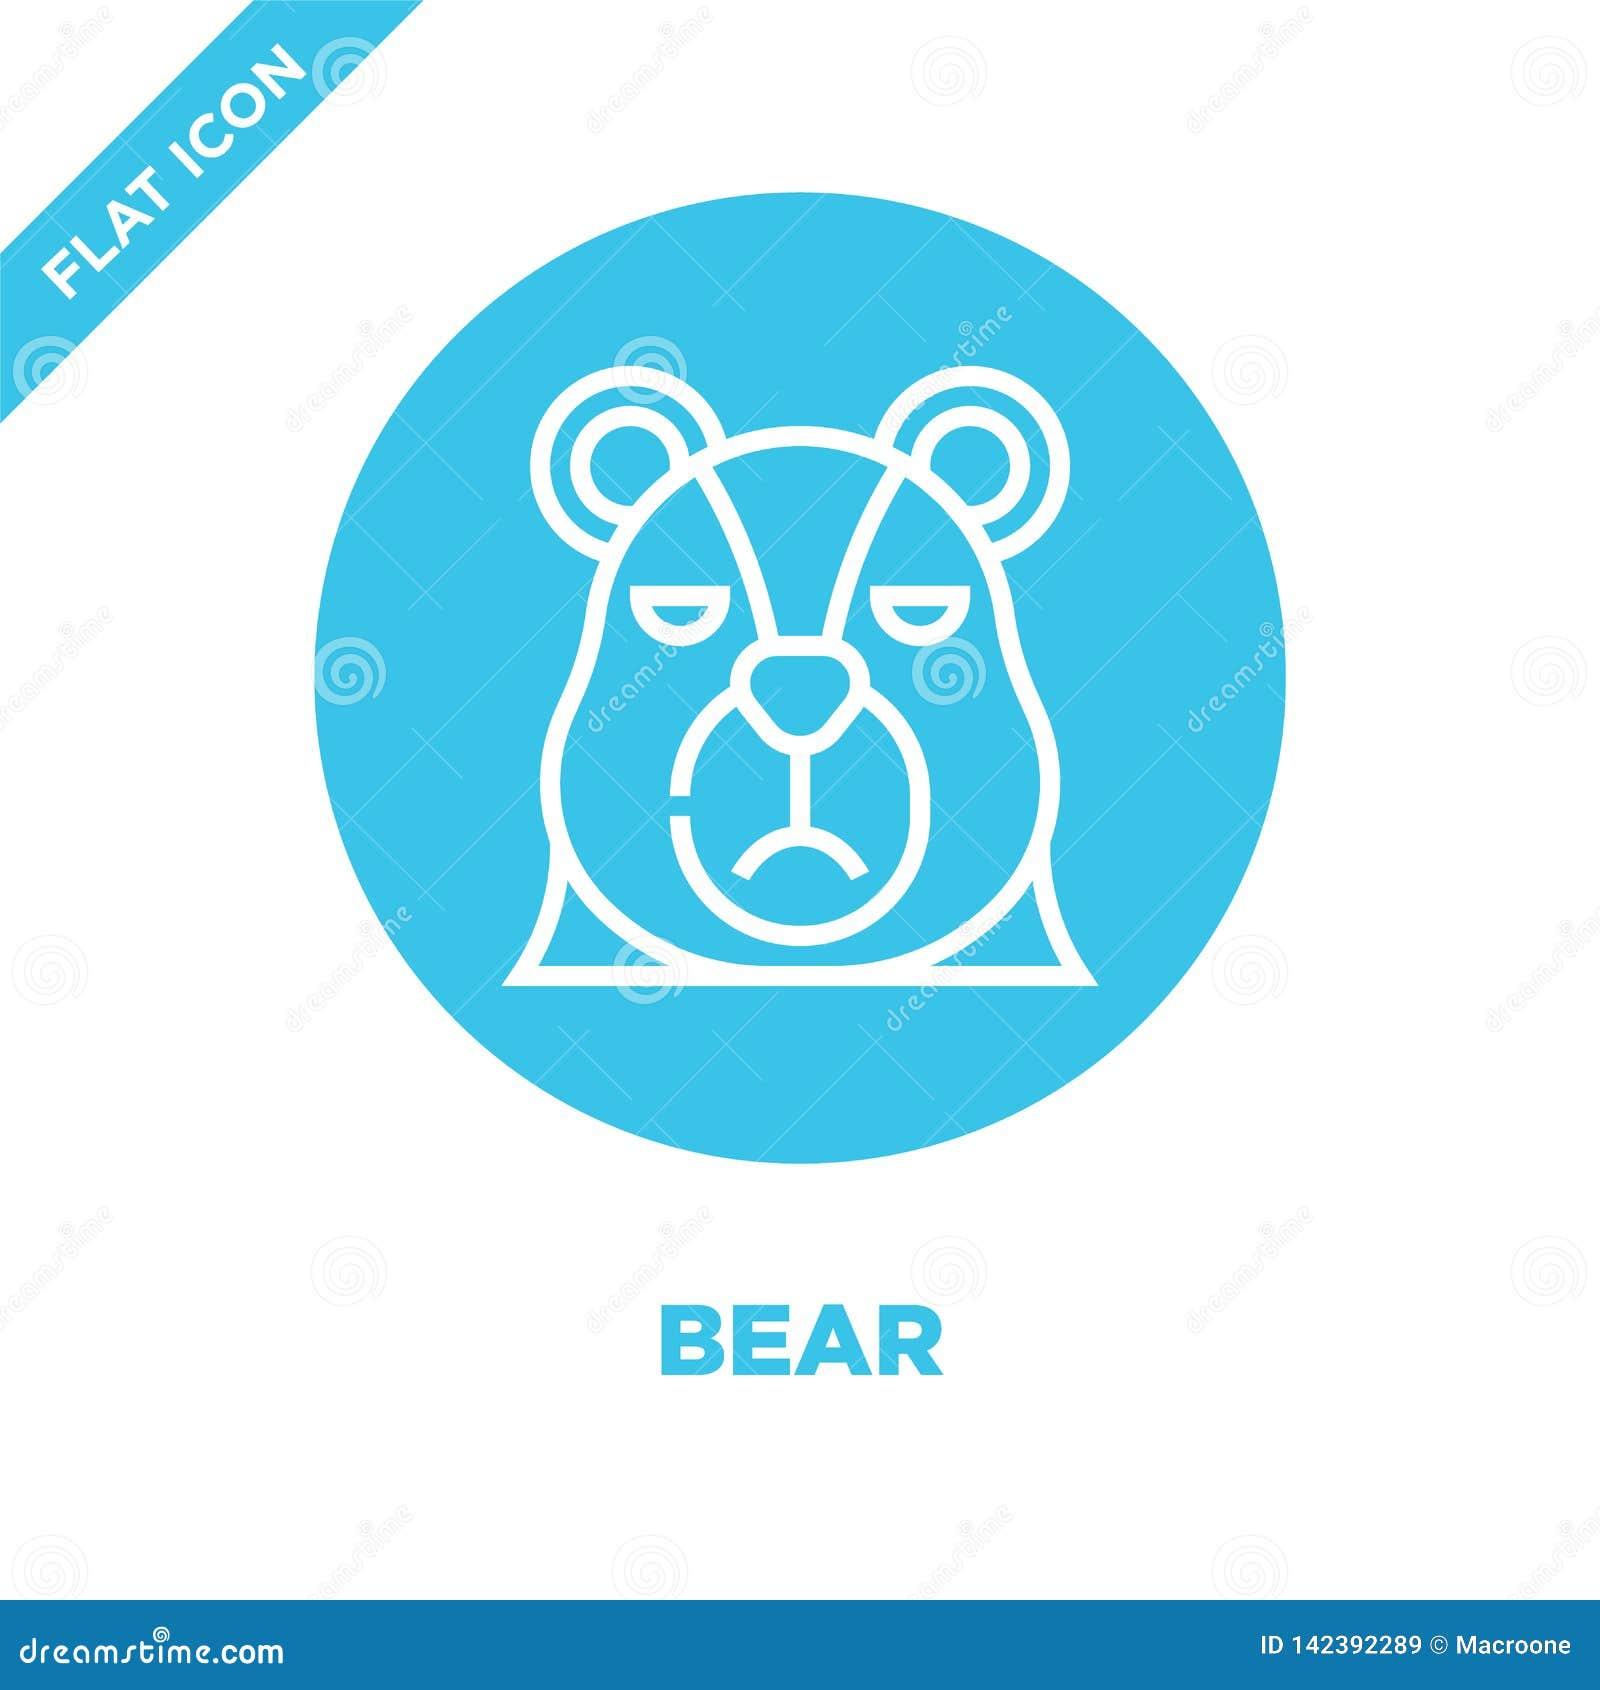 Vetor do ícone do urso da coleção principal animal Linha fina ilustração do vetor do ícone do esboço do urso Símbolo linear para